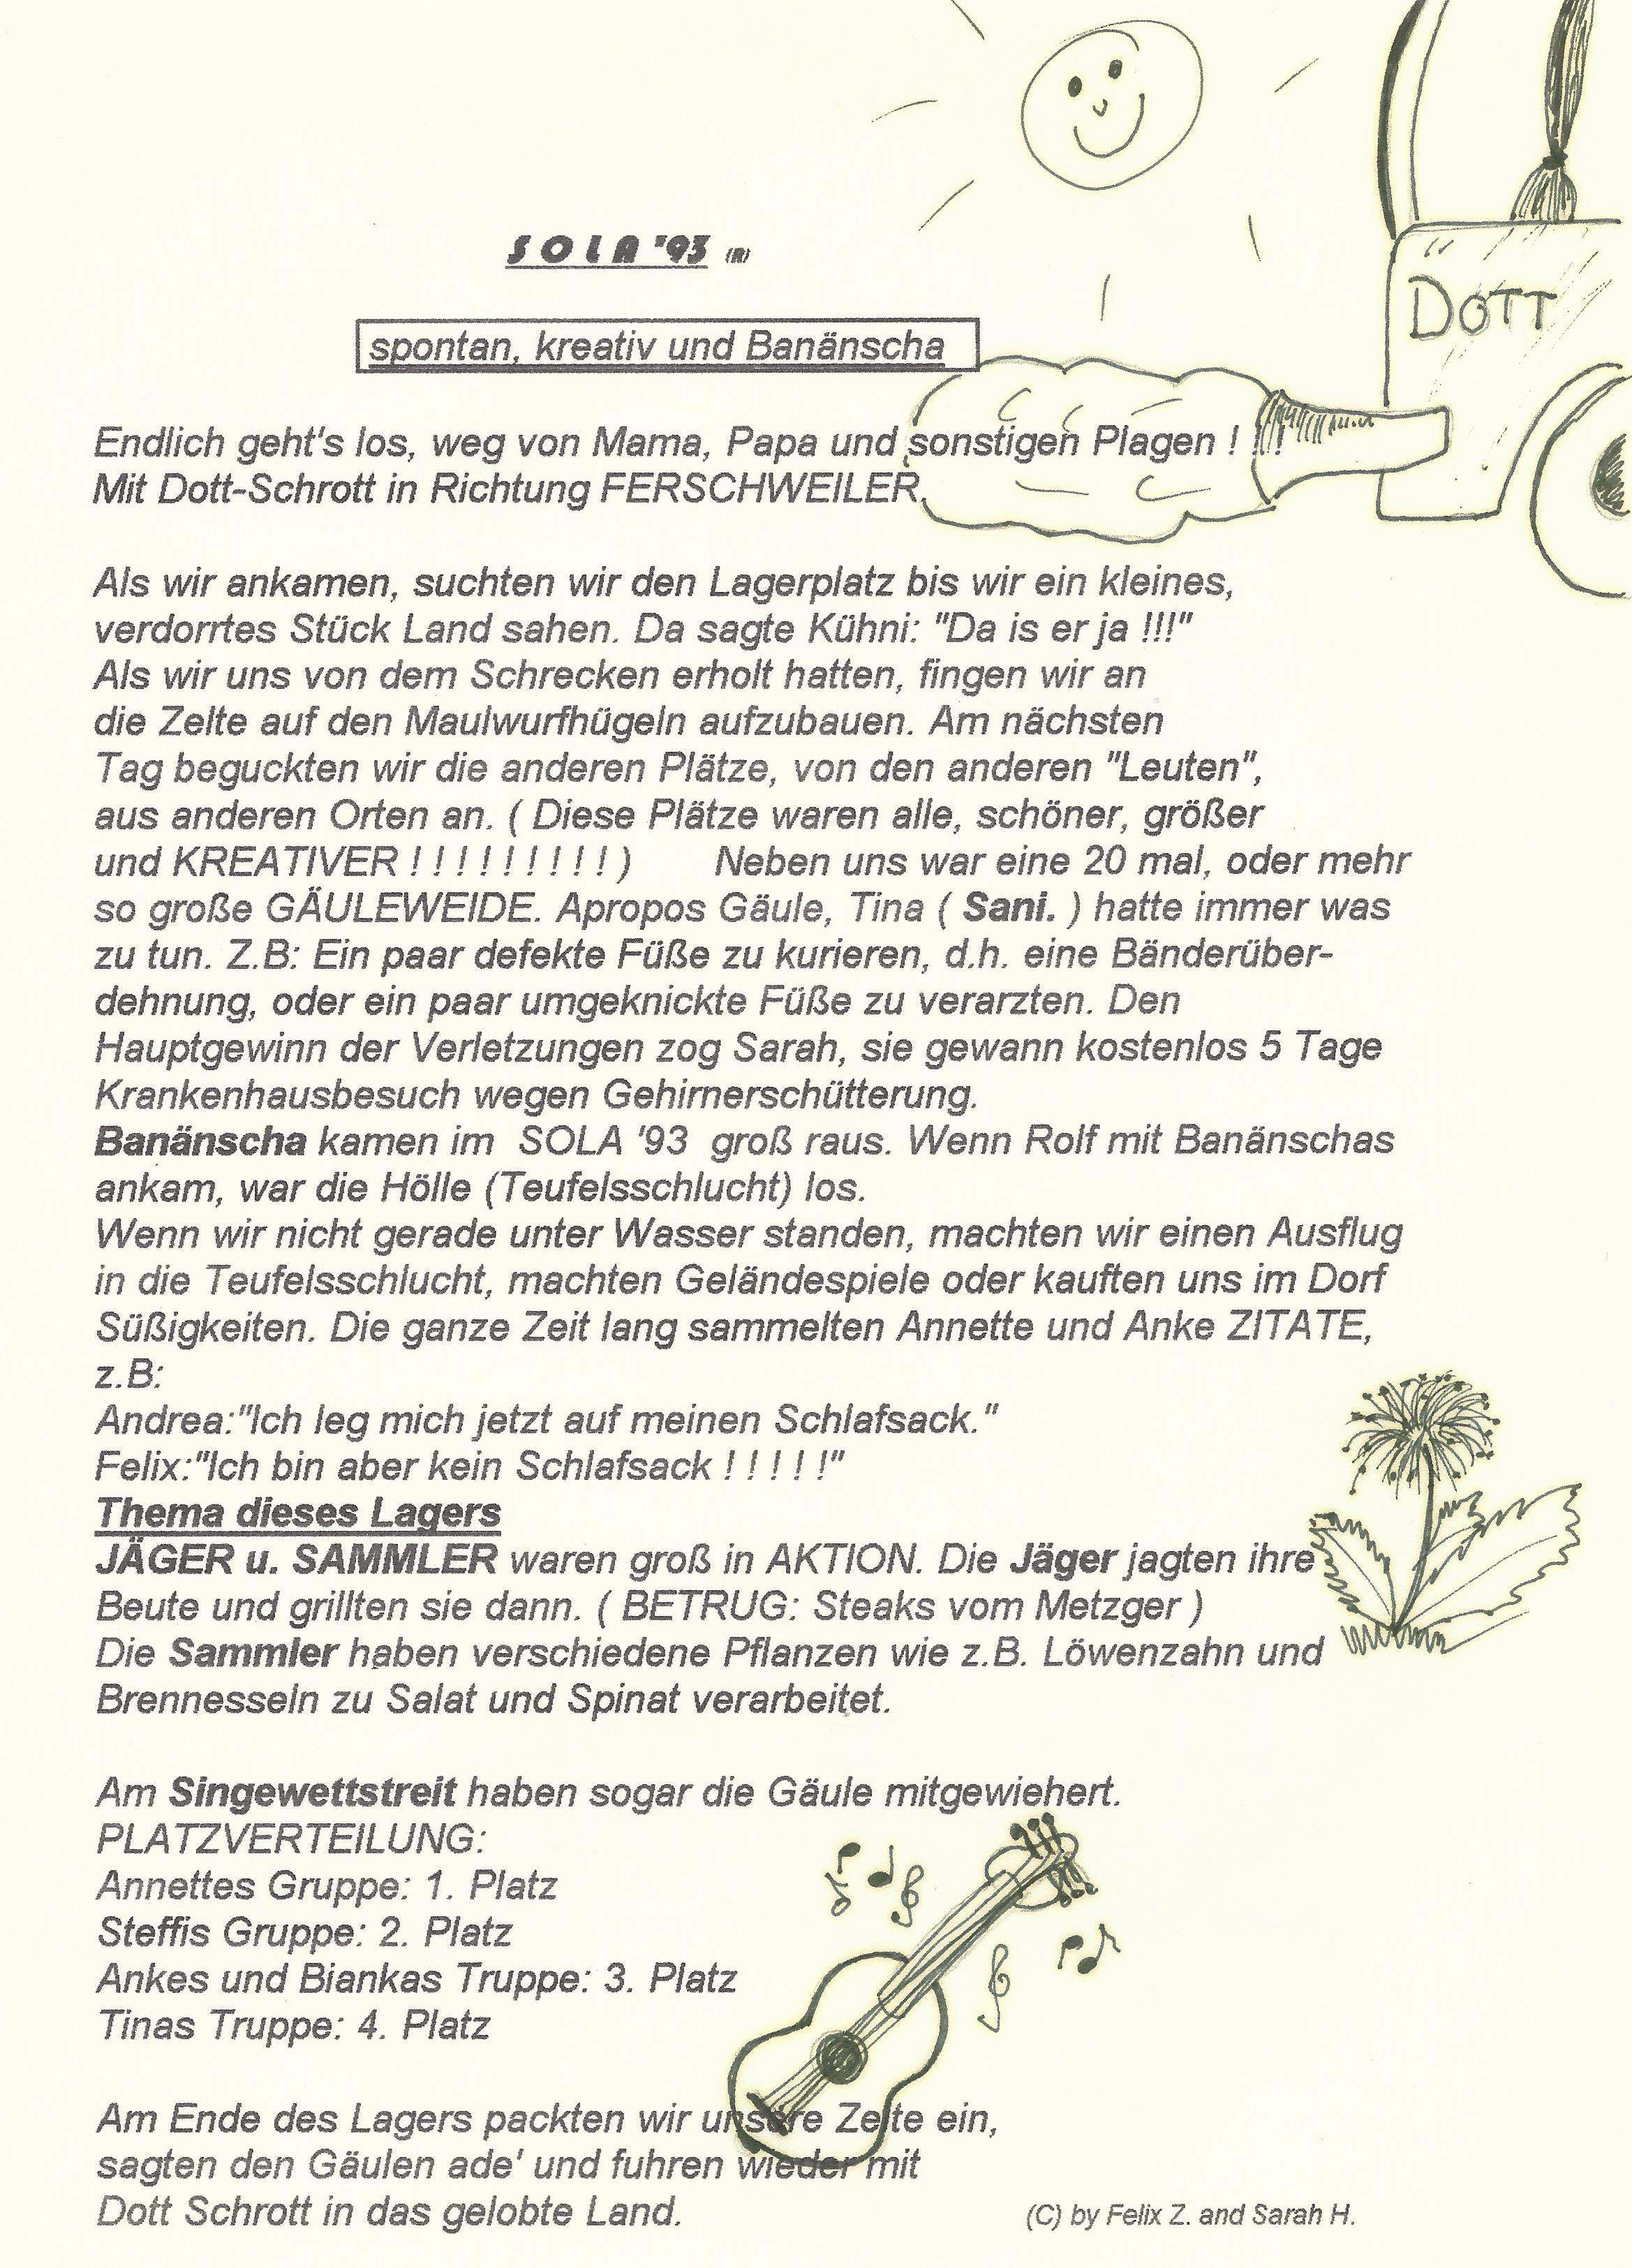 SoLa 1993 Ferschweiler0001